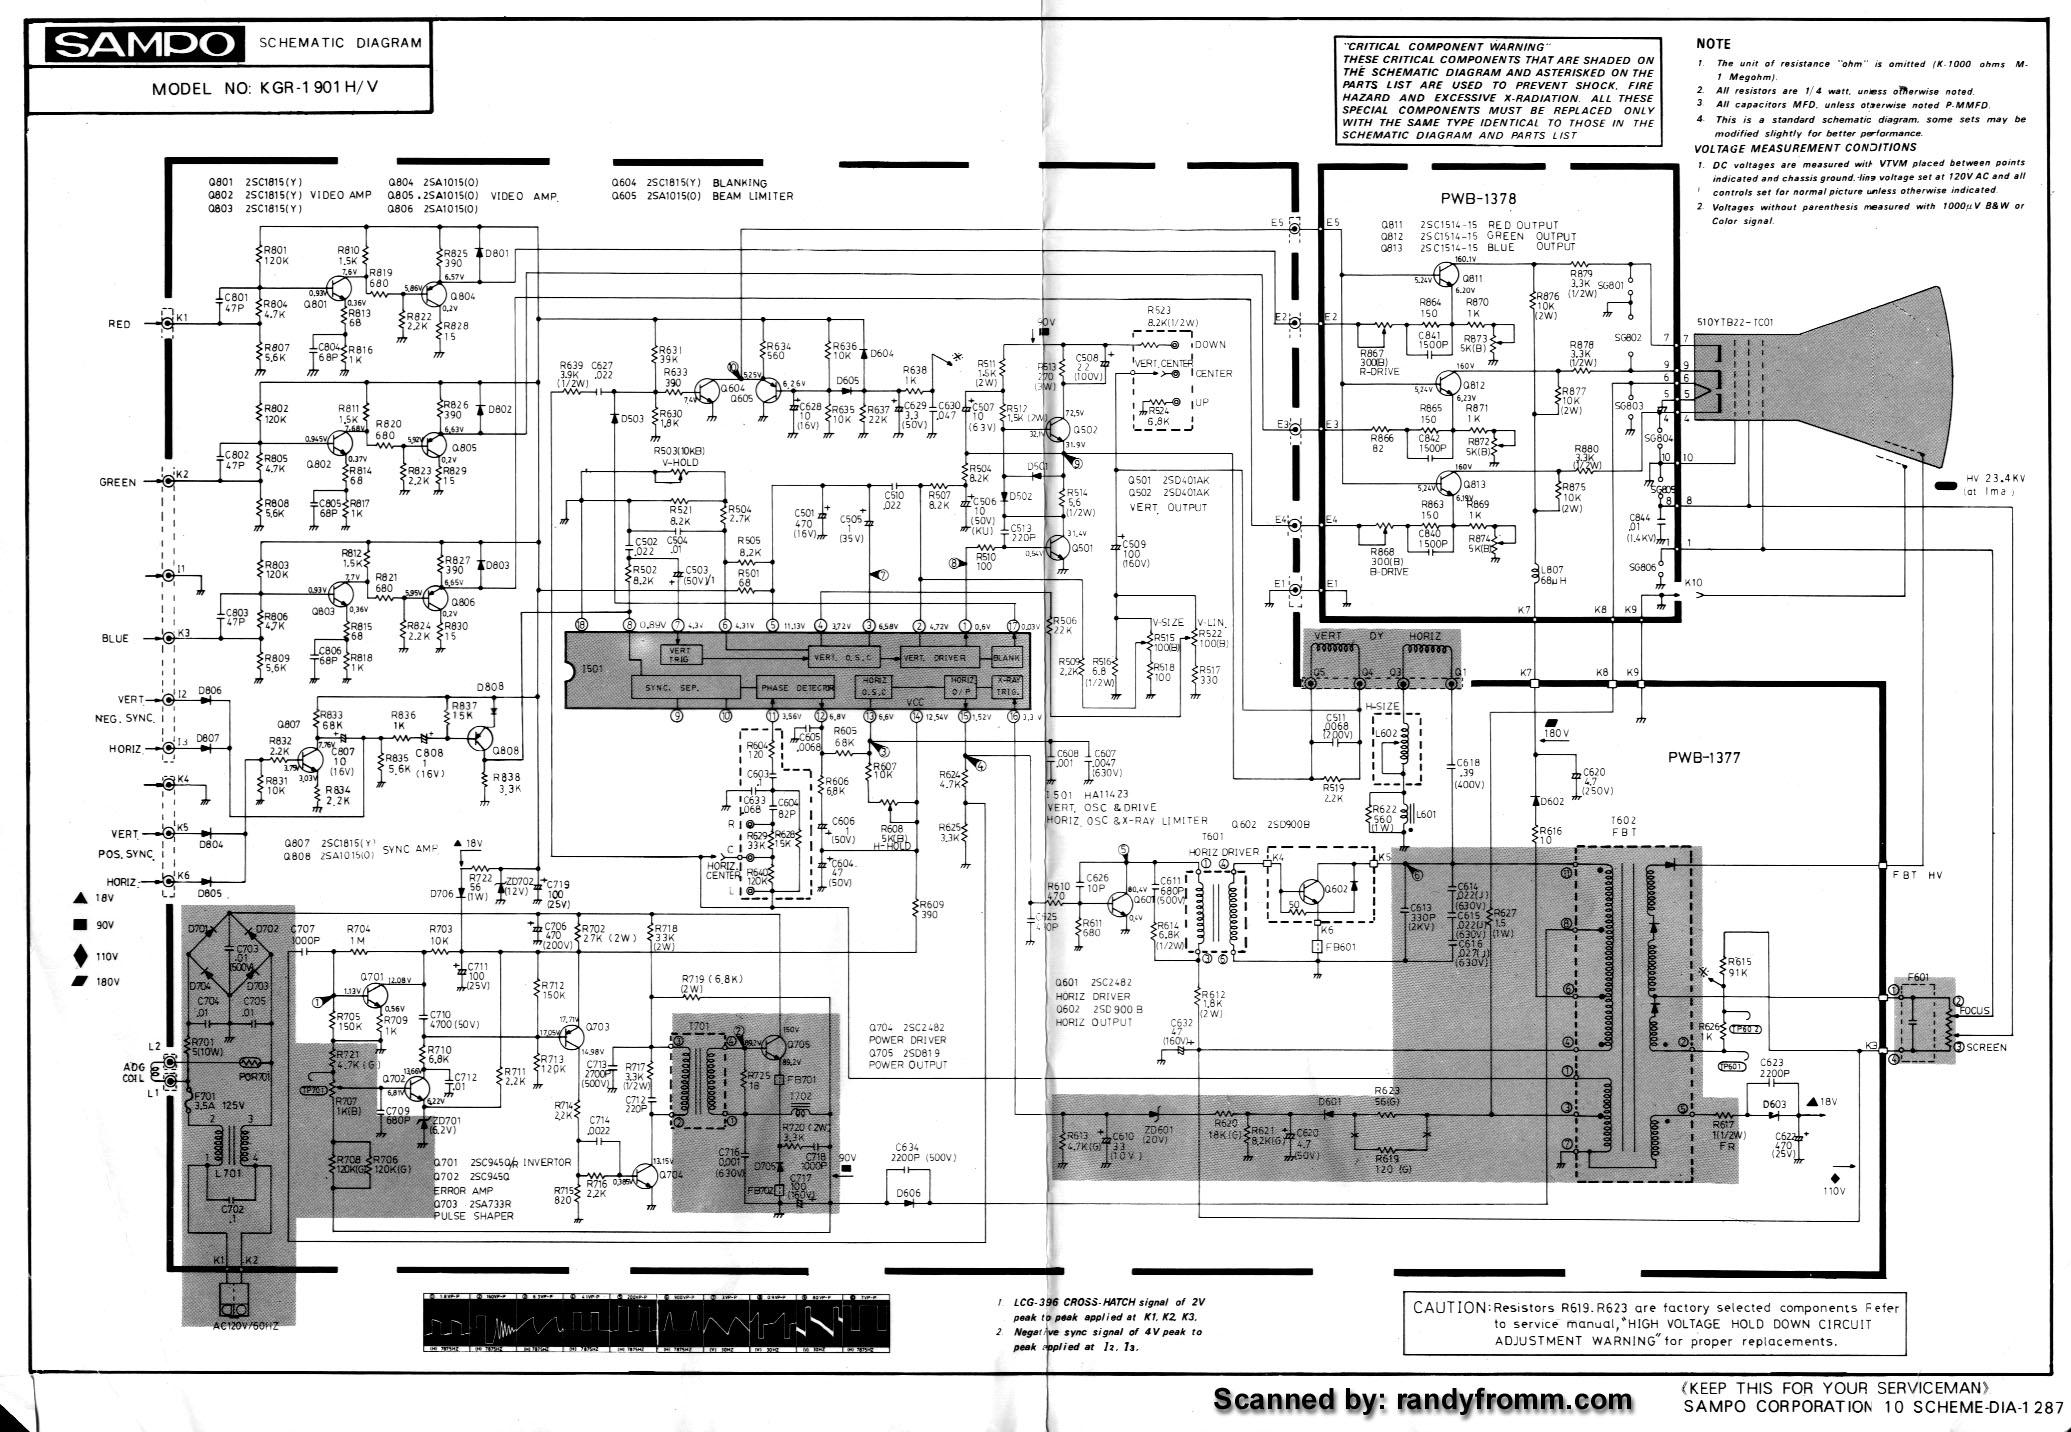 volkswagen schema moteur asynchrone monophase